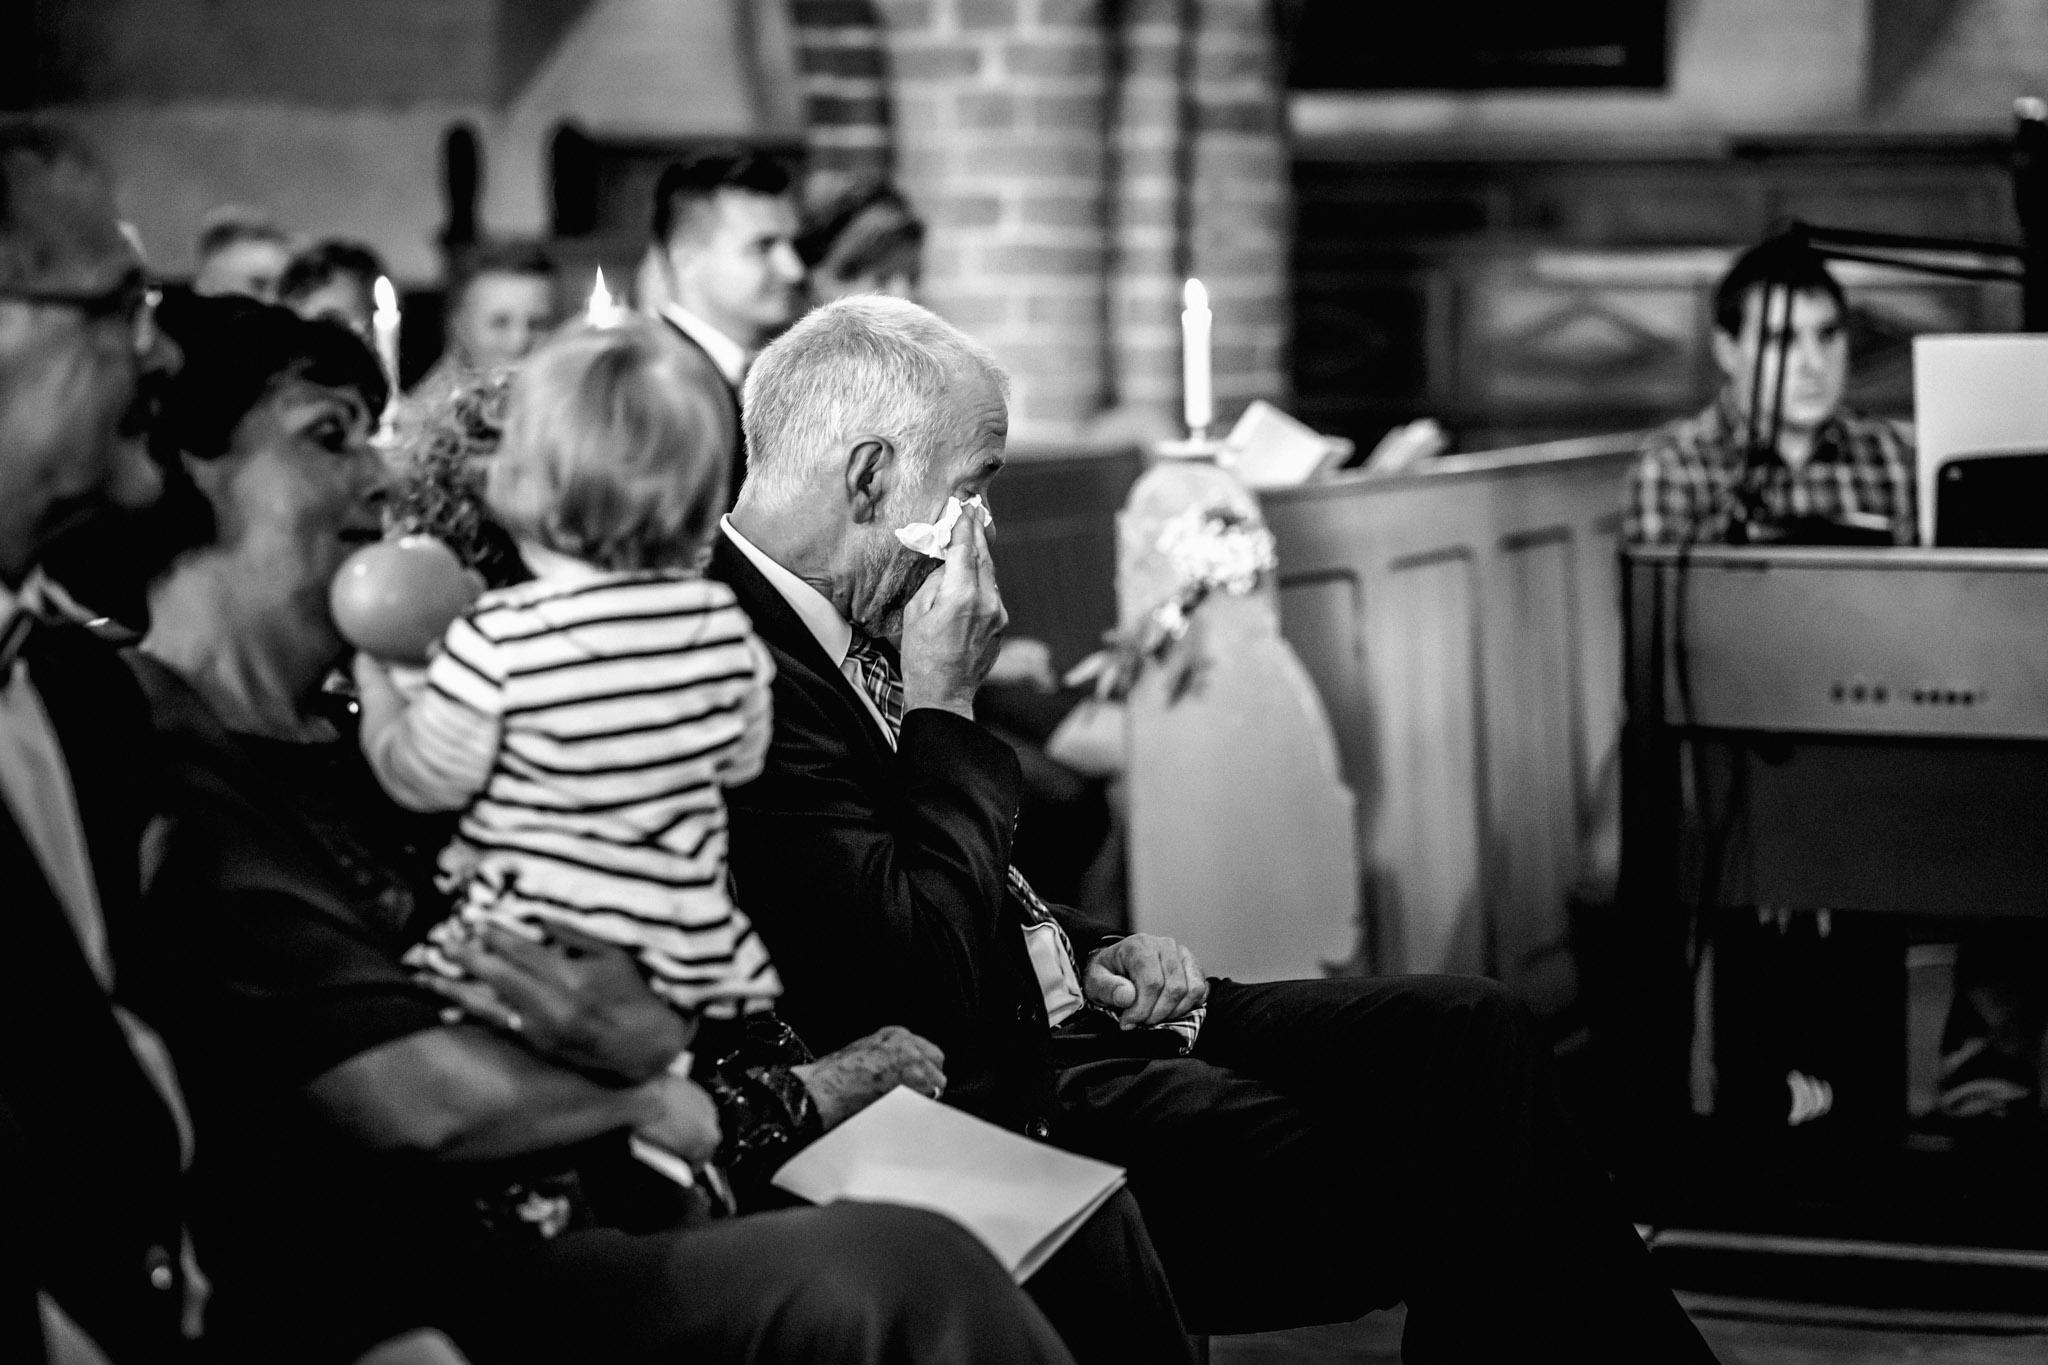 Sven Schomburg Hochzeitsfotografie, Hamburg, Mölln, Hochzeitsfieber by Photo-Schomburg, Hochzeitsreportage, Forsthaus Waldhusen, Braut, Bräutigam-42